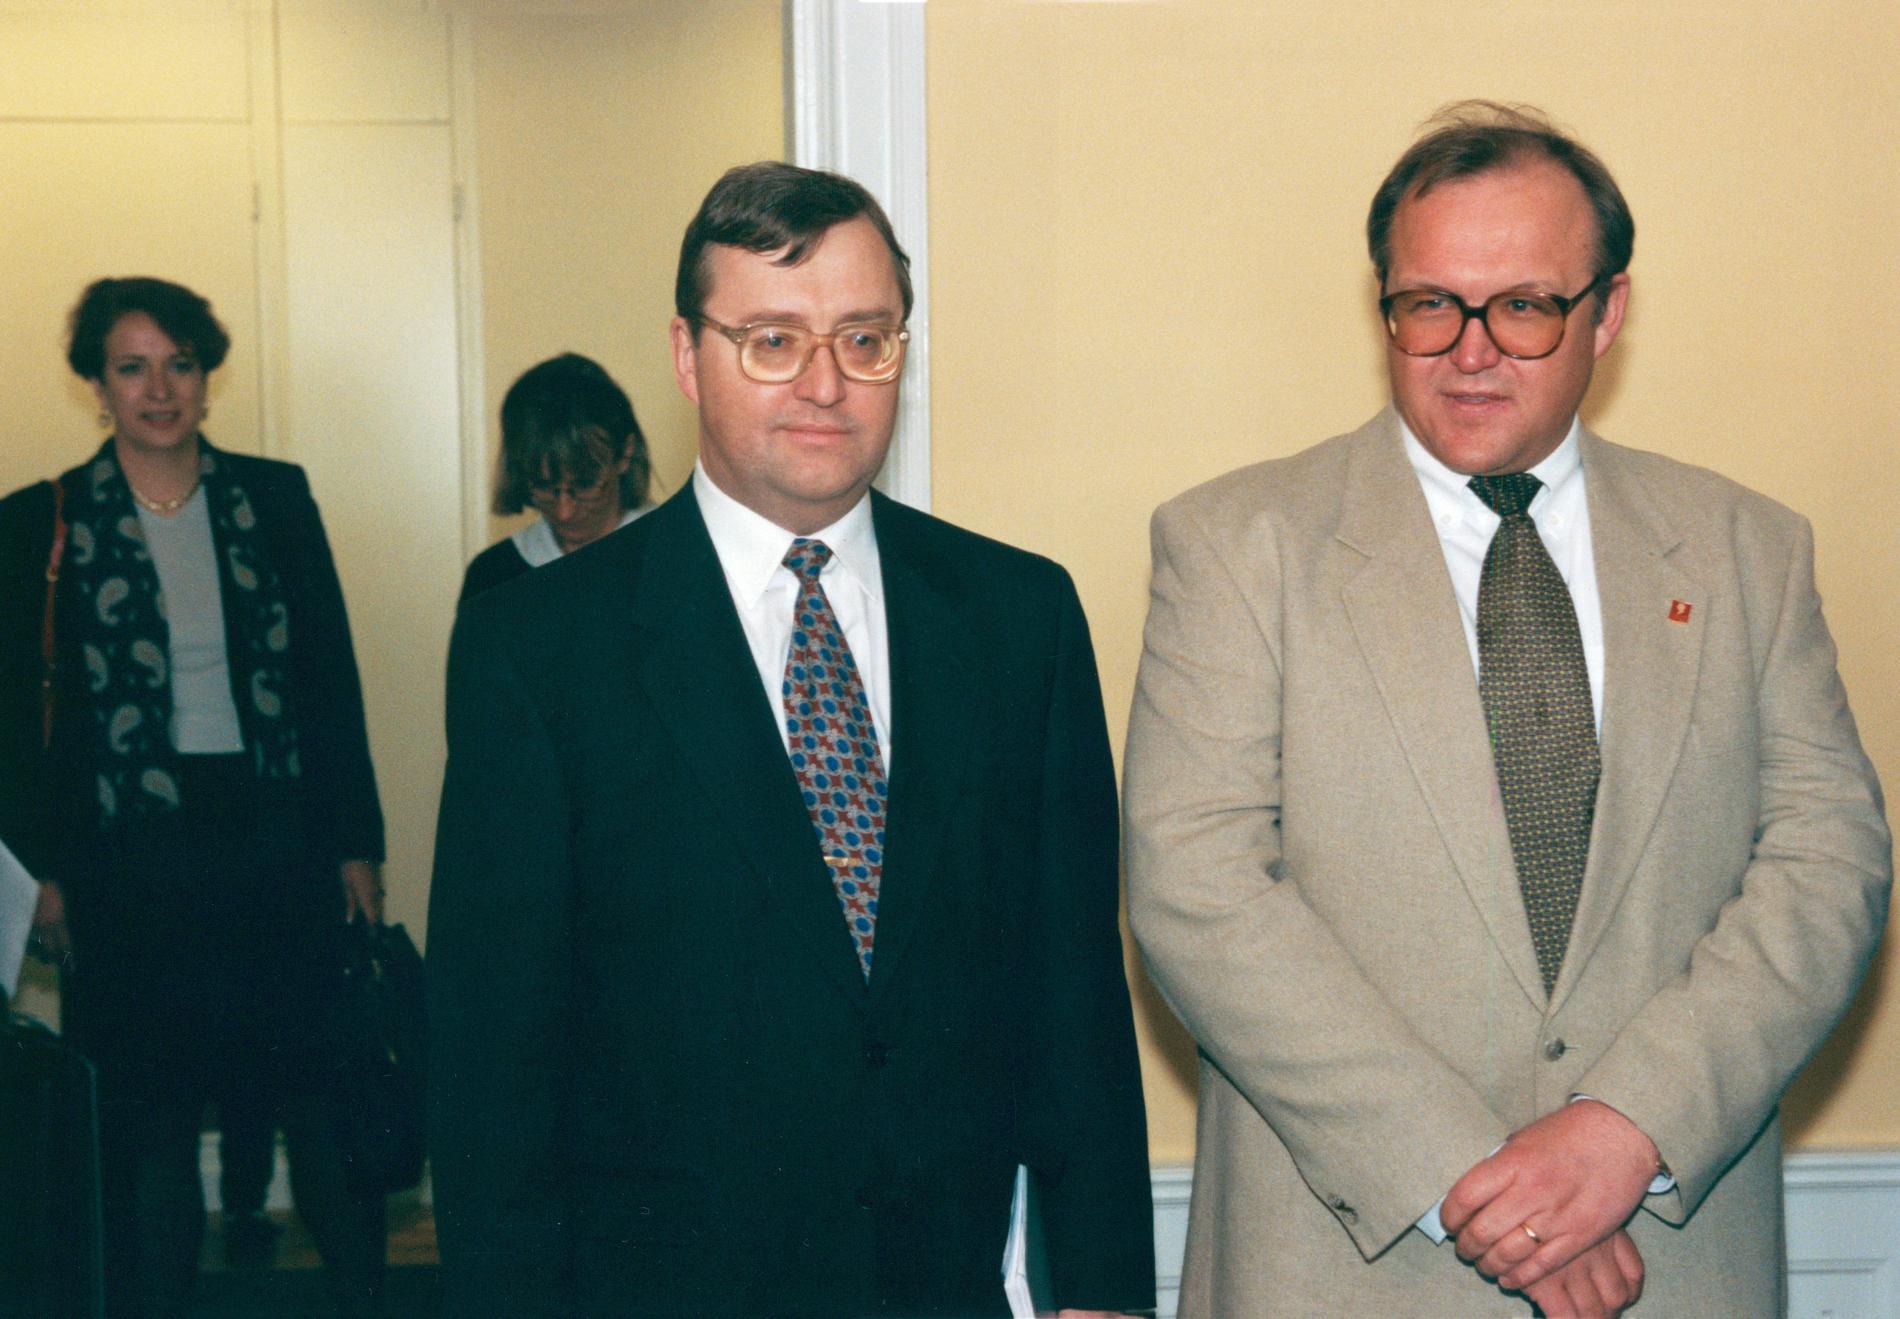 Finansministrarna Erik Åsbrink och Göran Persson, 1996.